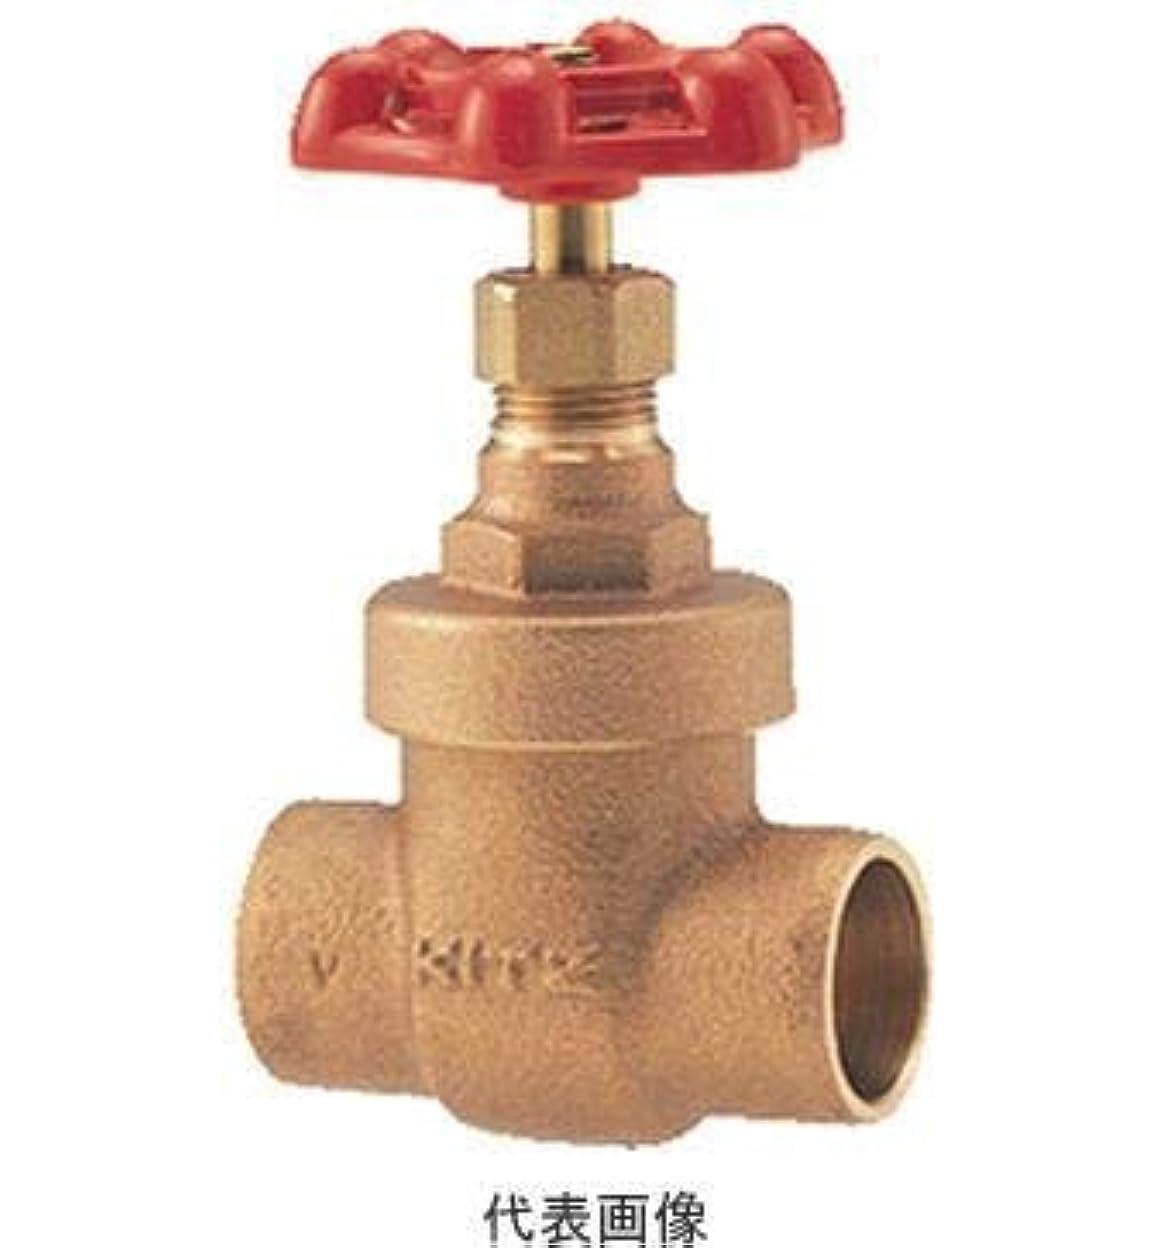 安定したトーナメントペストキッツ KITZ CH 25A (5) (1インチ) 汎用 銅管接続用ゲートバルブ(CH)